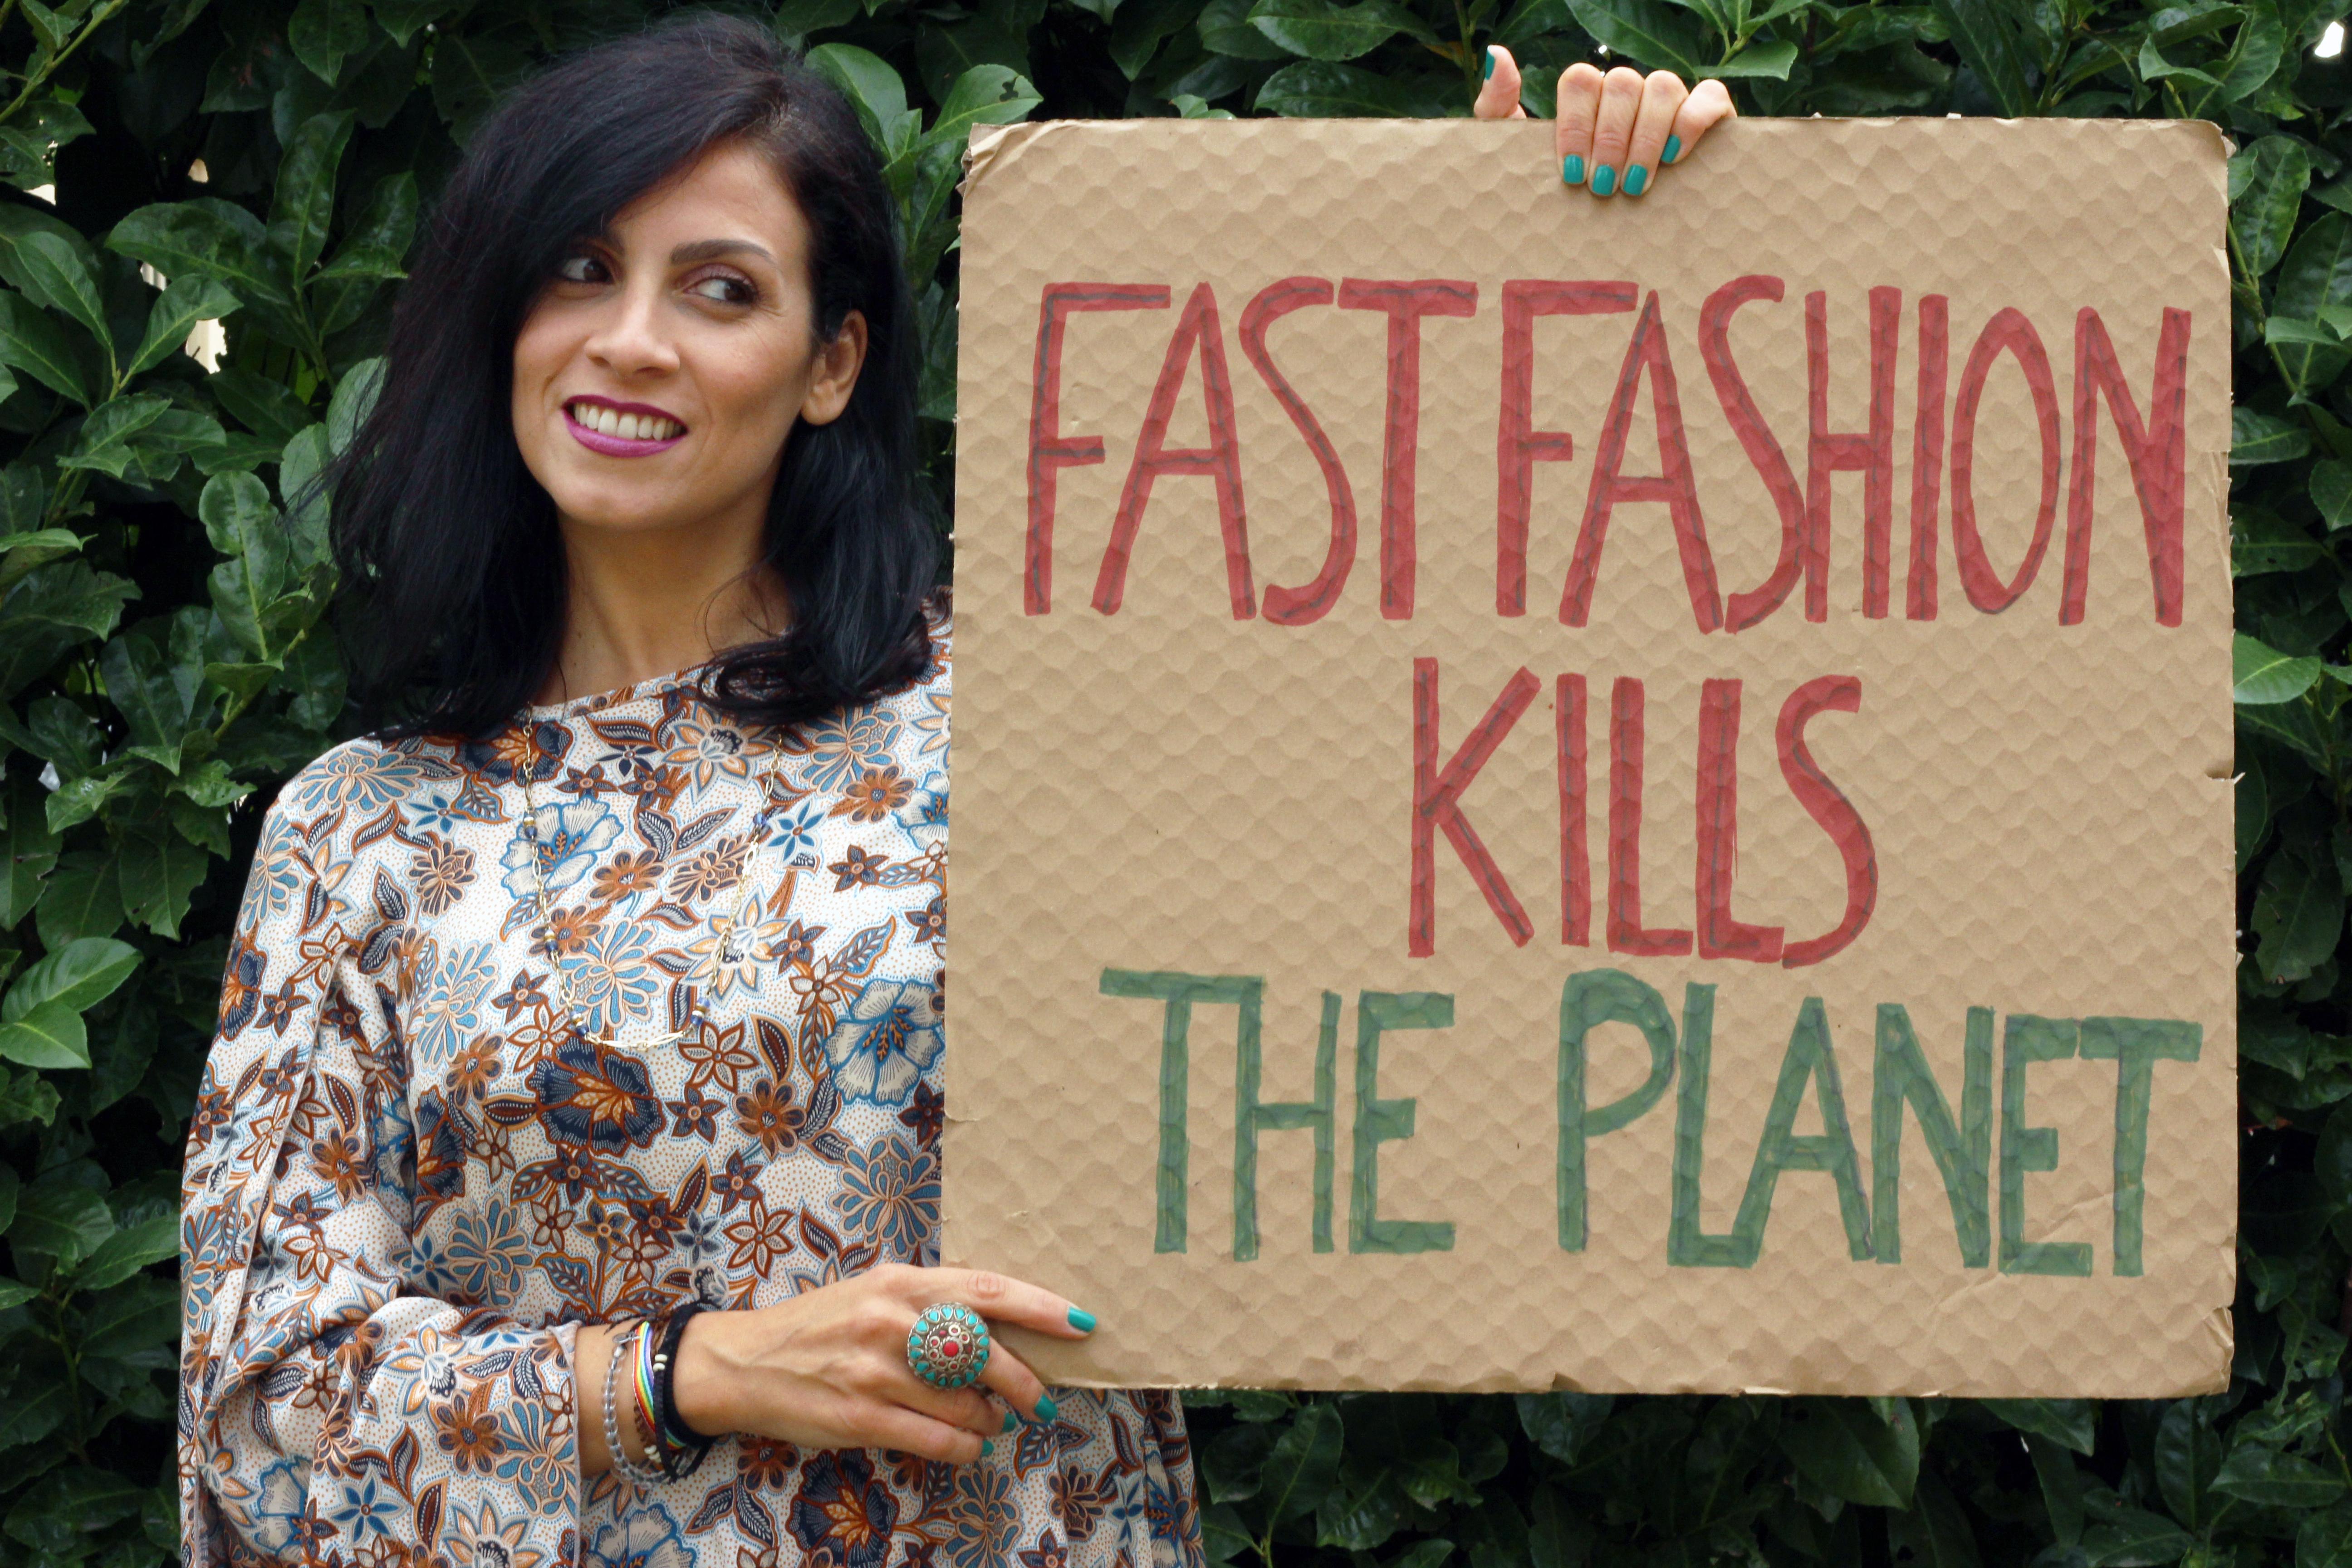 fast fashion kills the planet